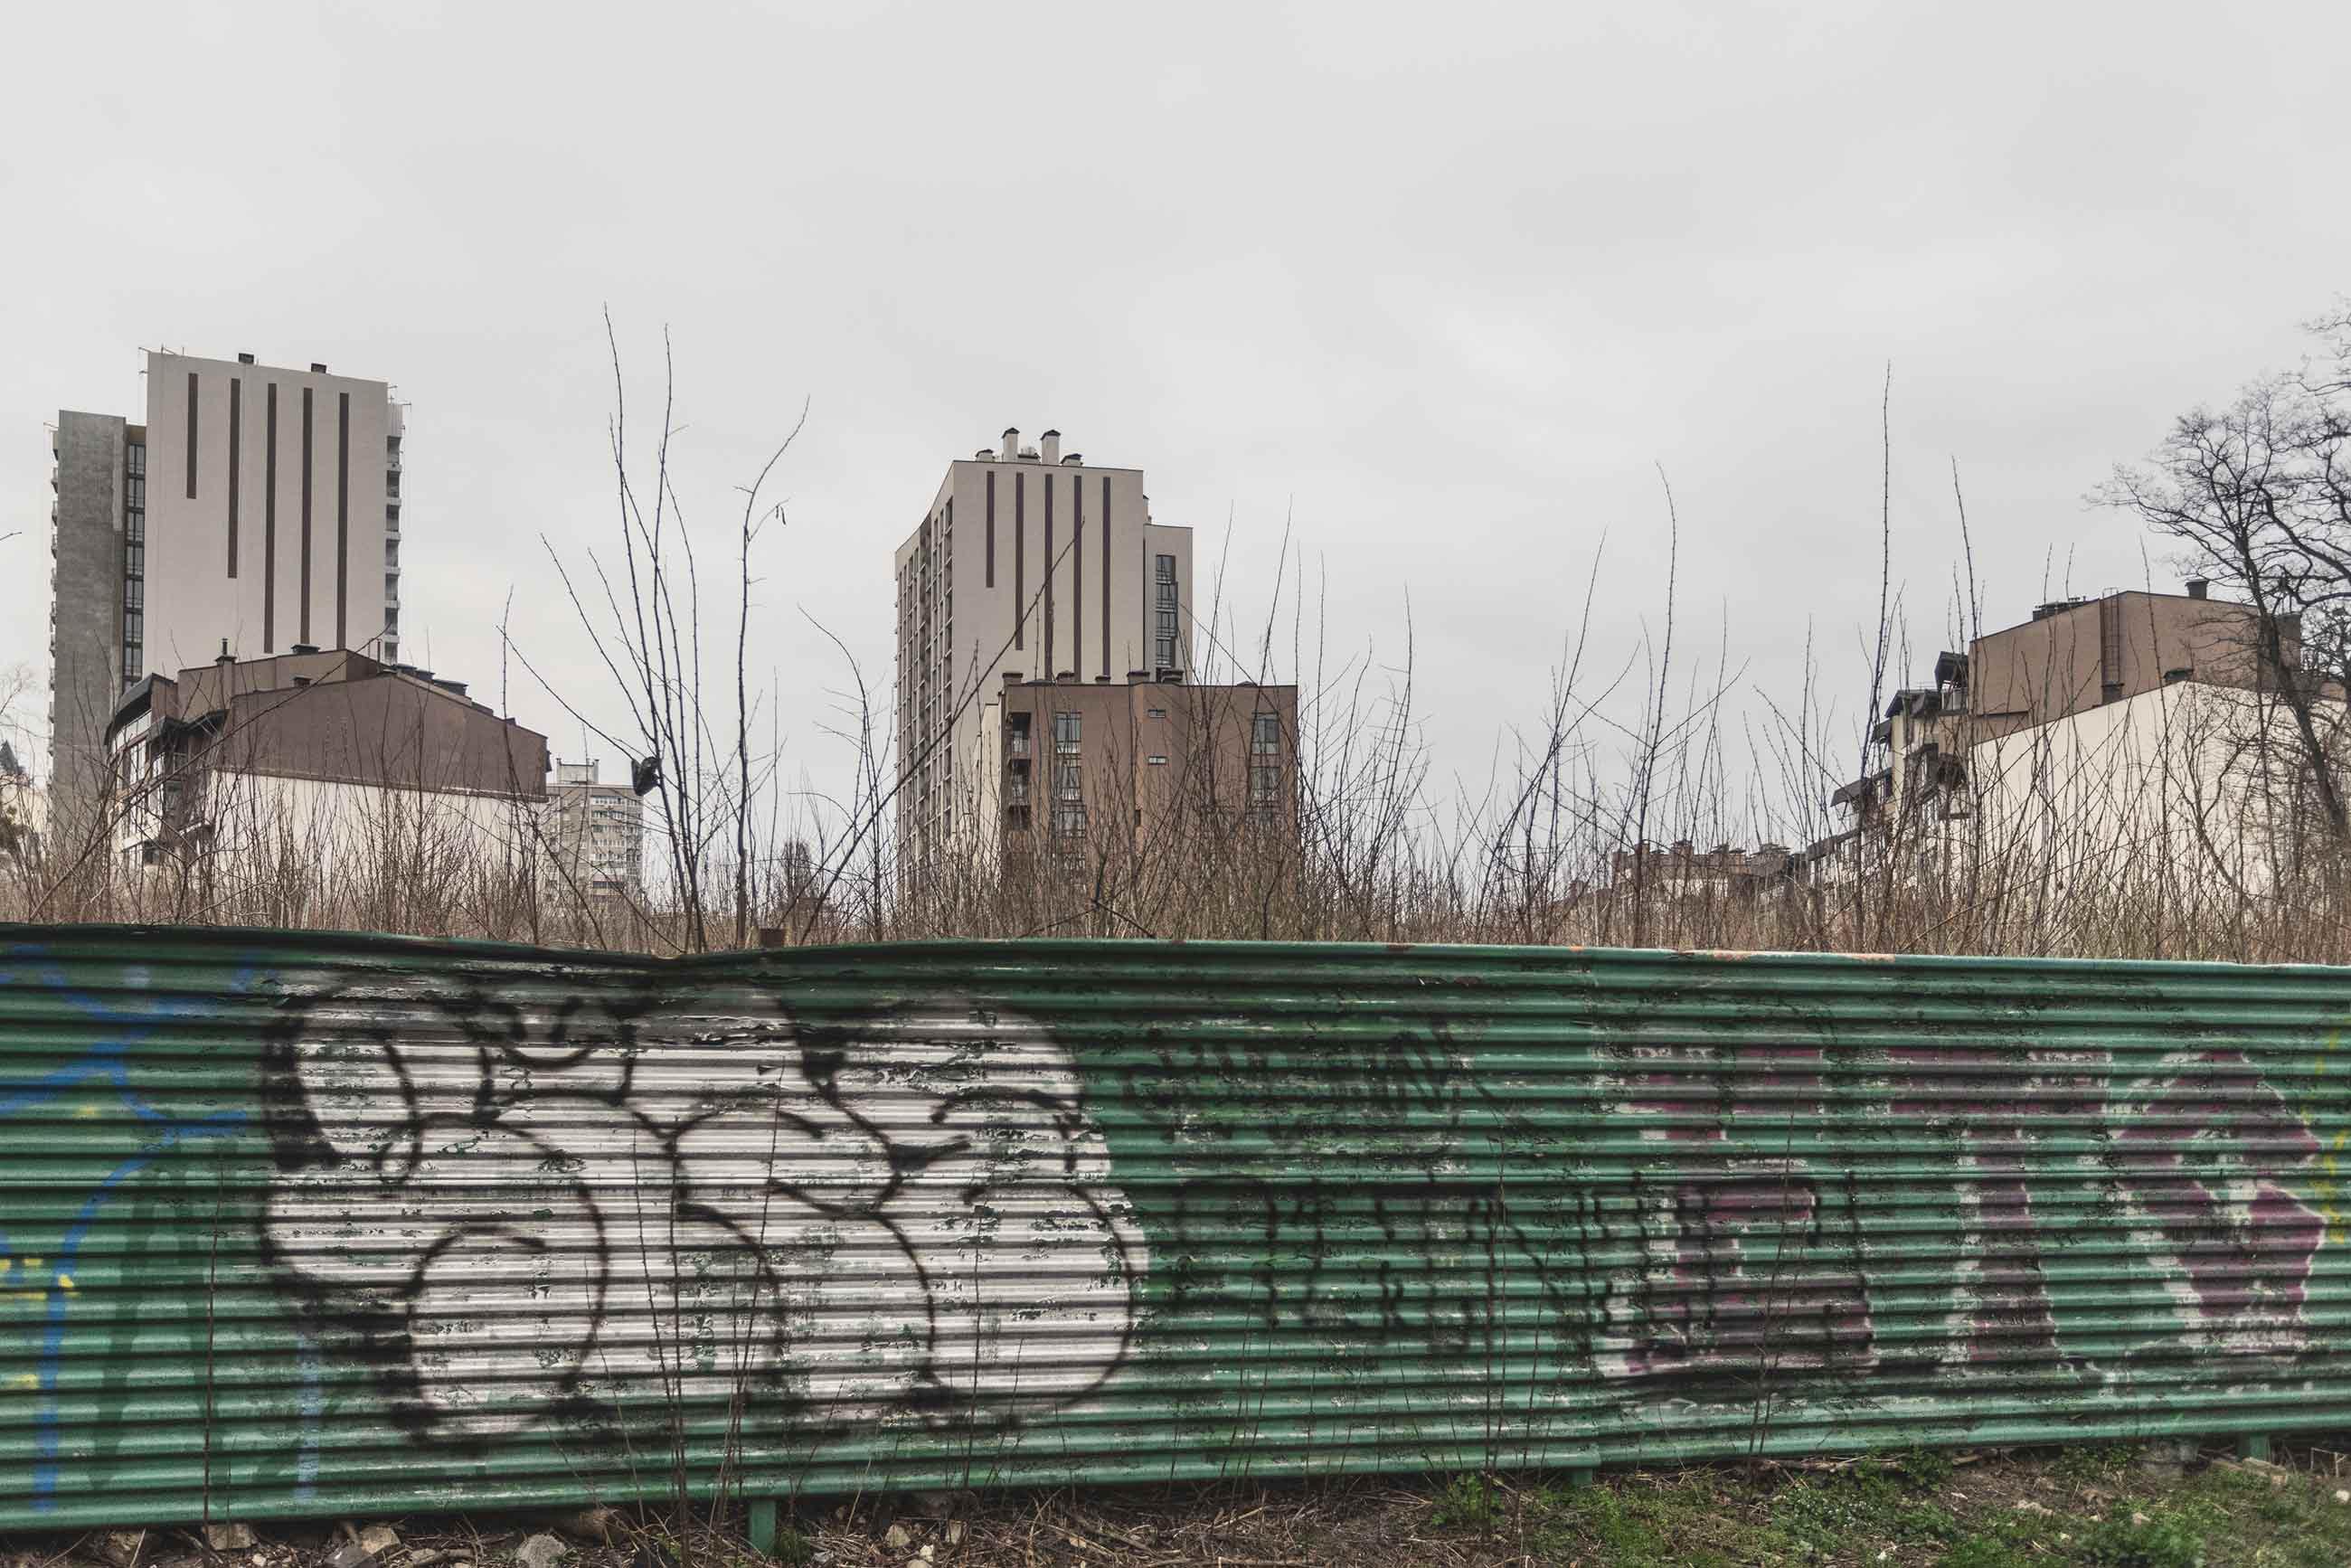 shyrochin dsc05078 - <b>Забута архітектура 1930-х.</b> Що варто знати про міжвоєнні проєкти у Києві - Заборона